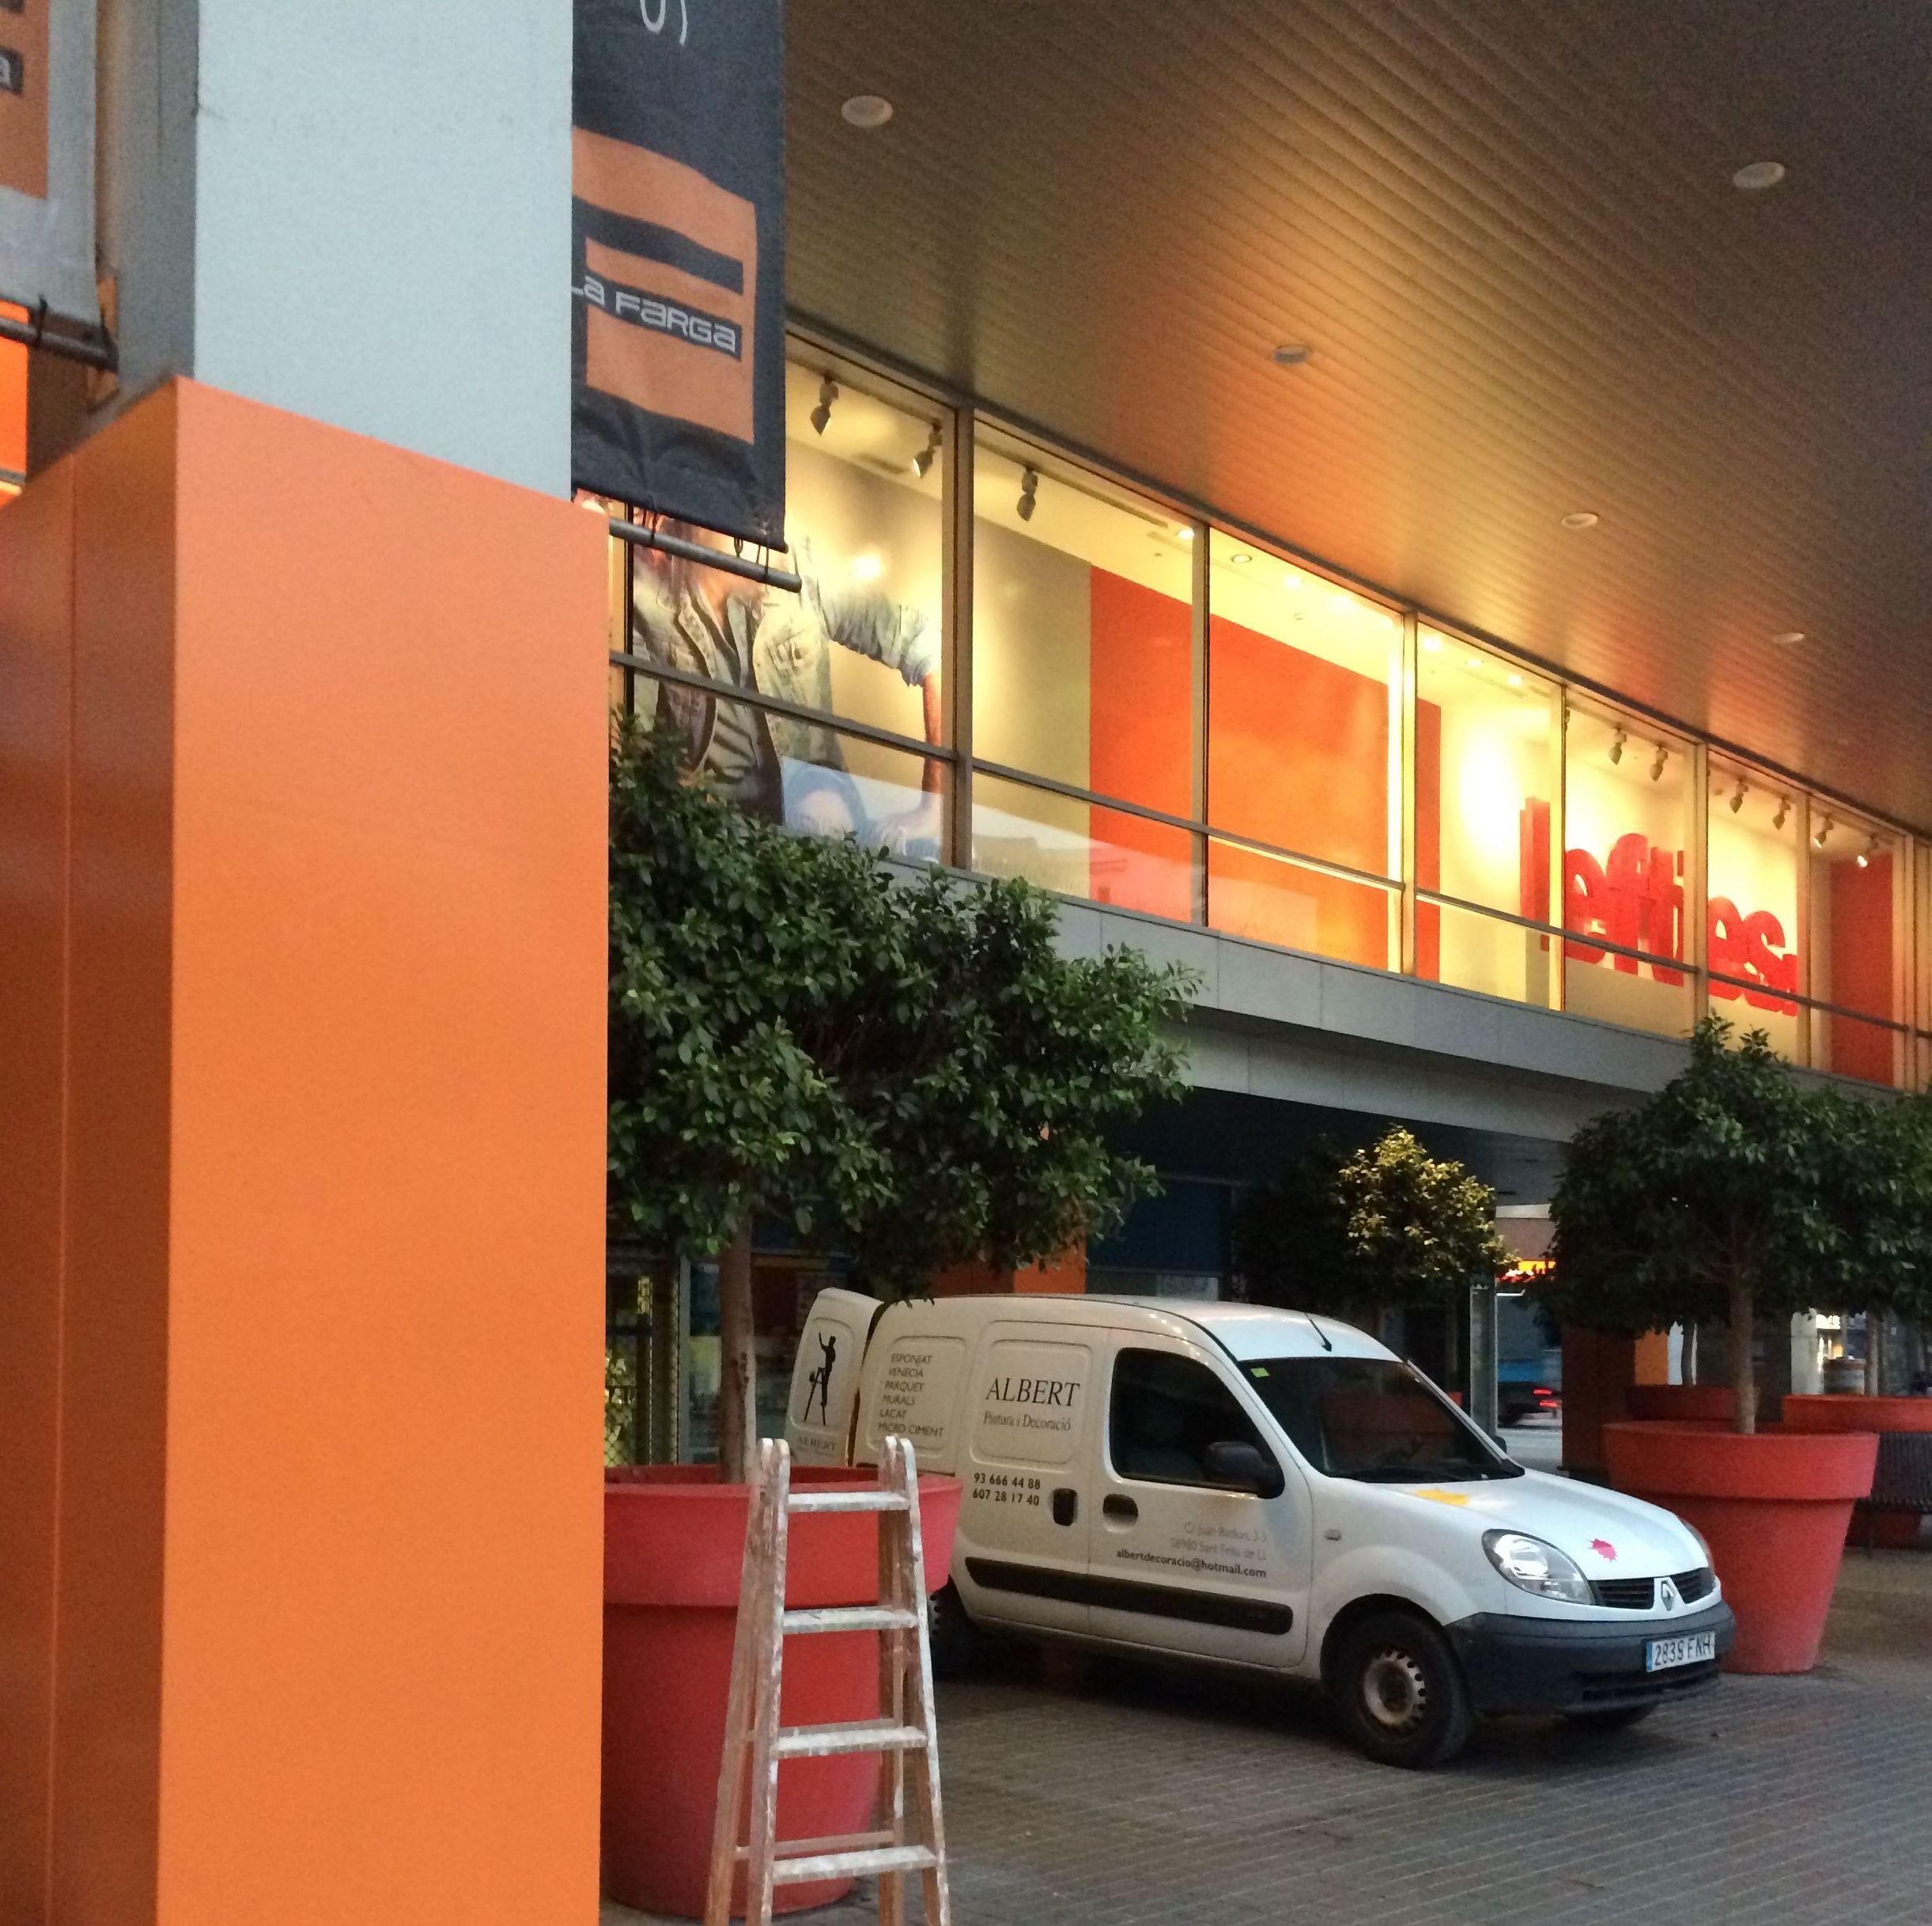 Foto 57 de Pintores en Sant Feliu de Llobregat | Albert Pintura y Decoración